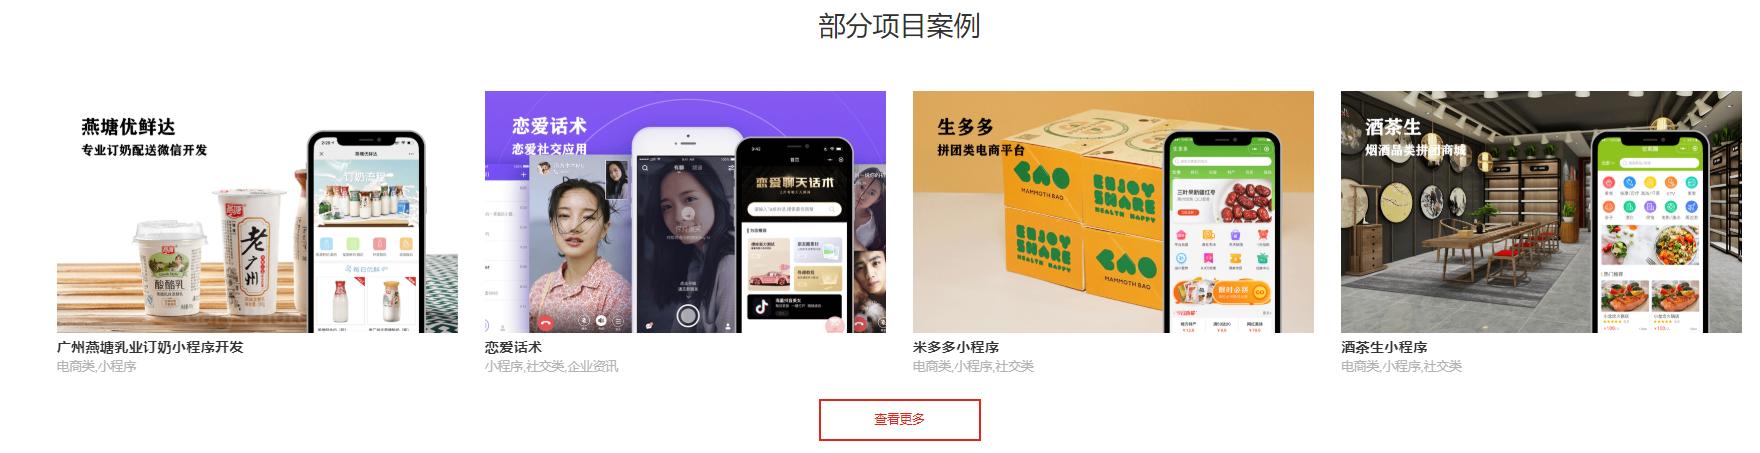 广州小程序开发案例.png